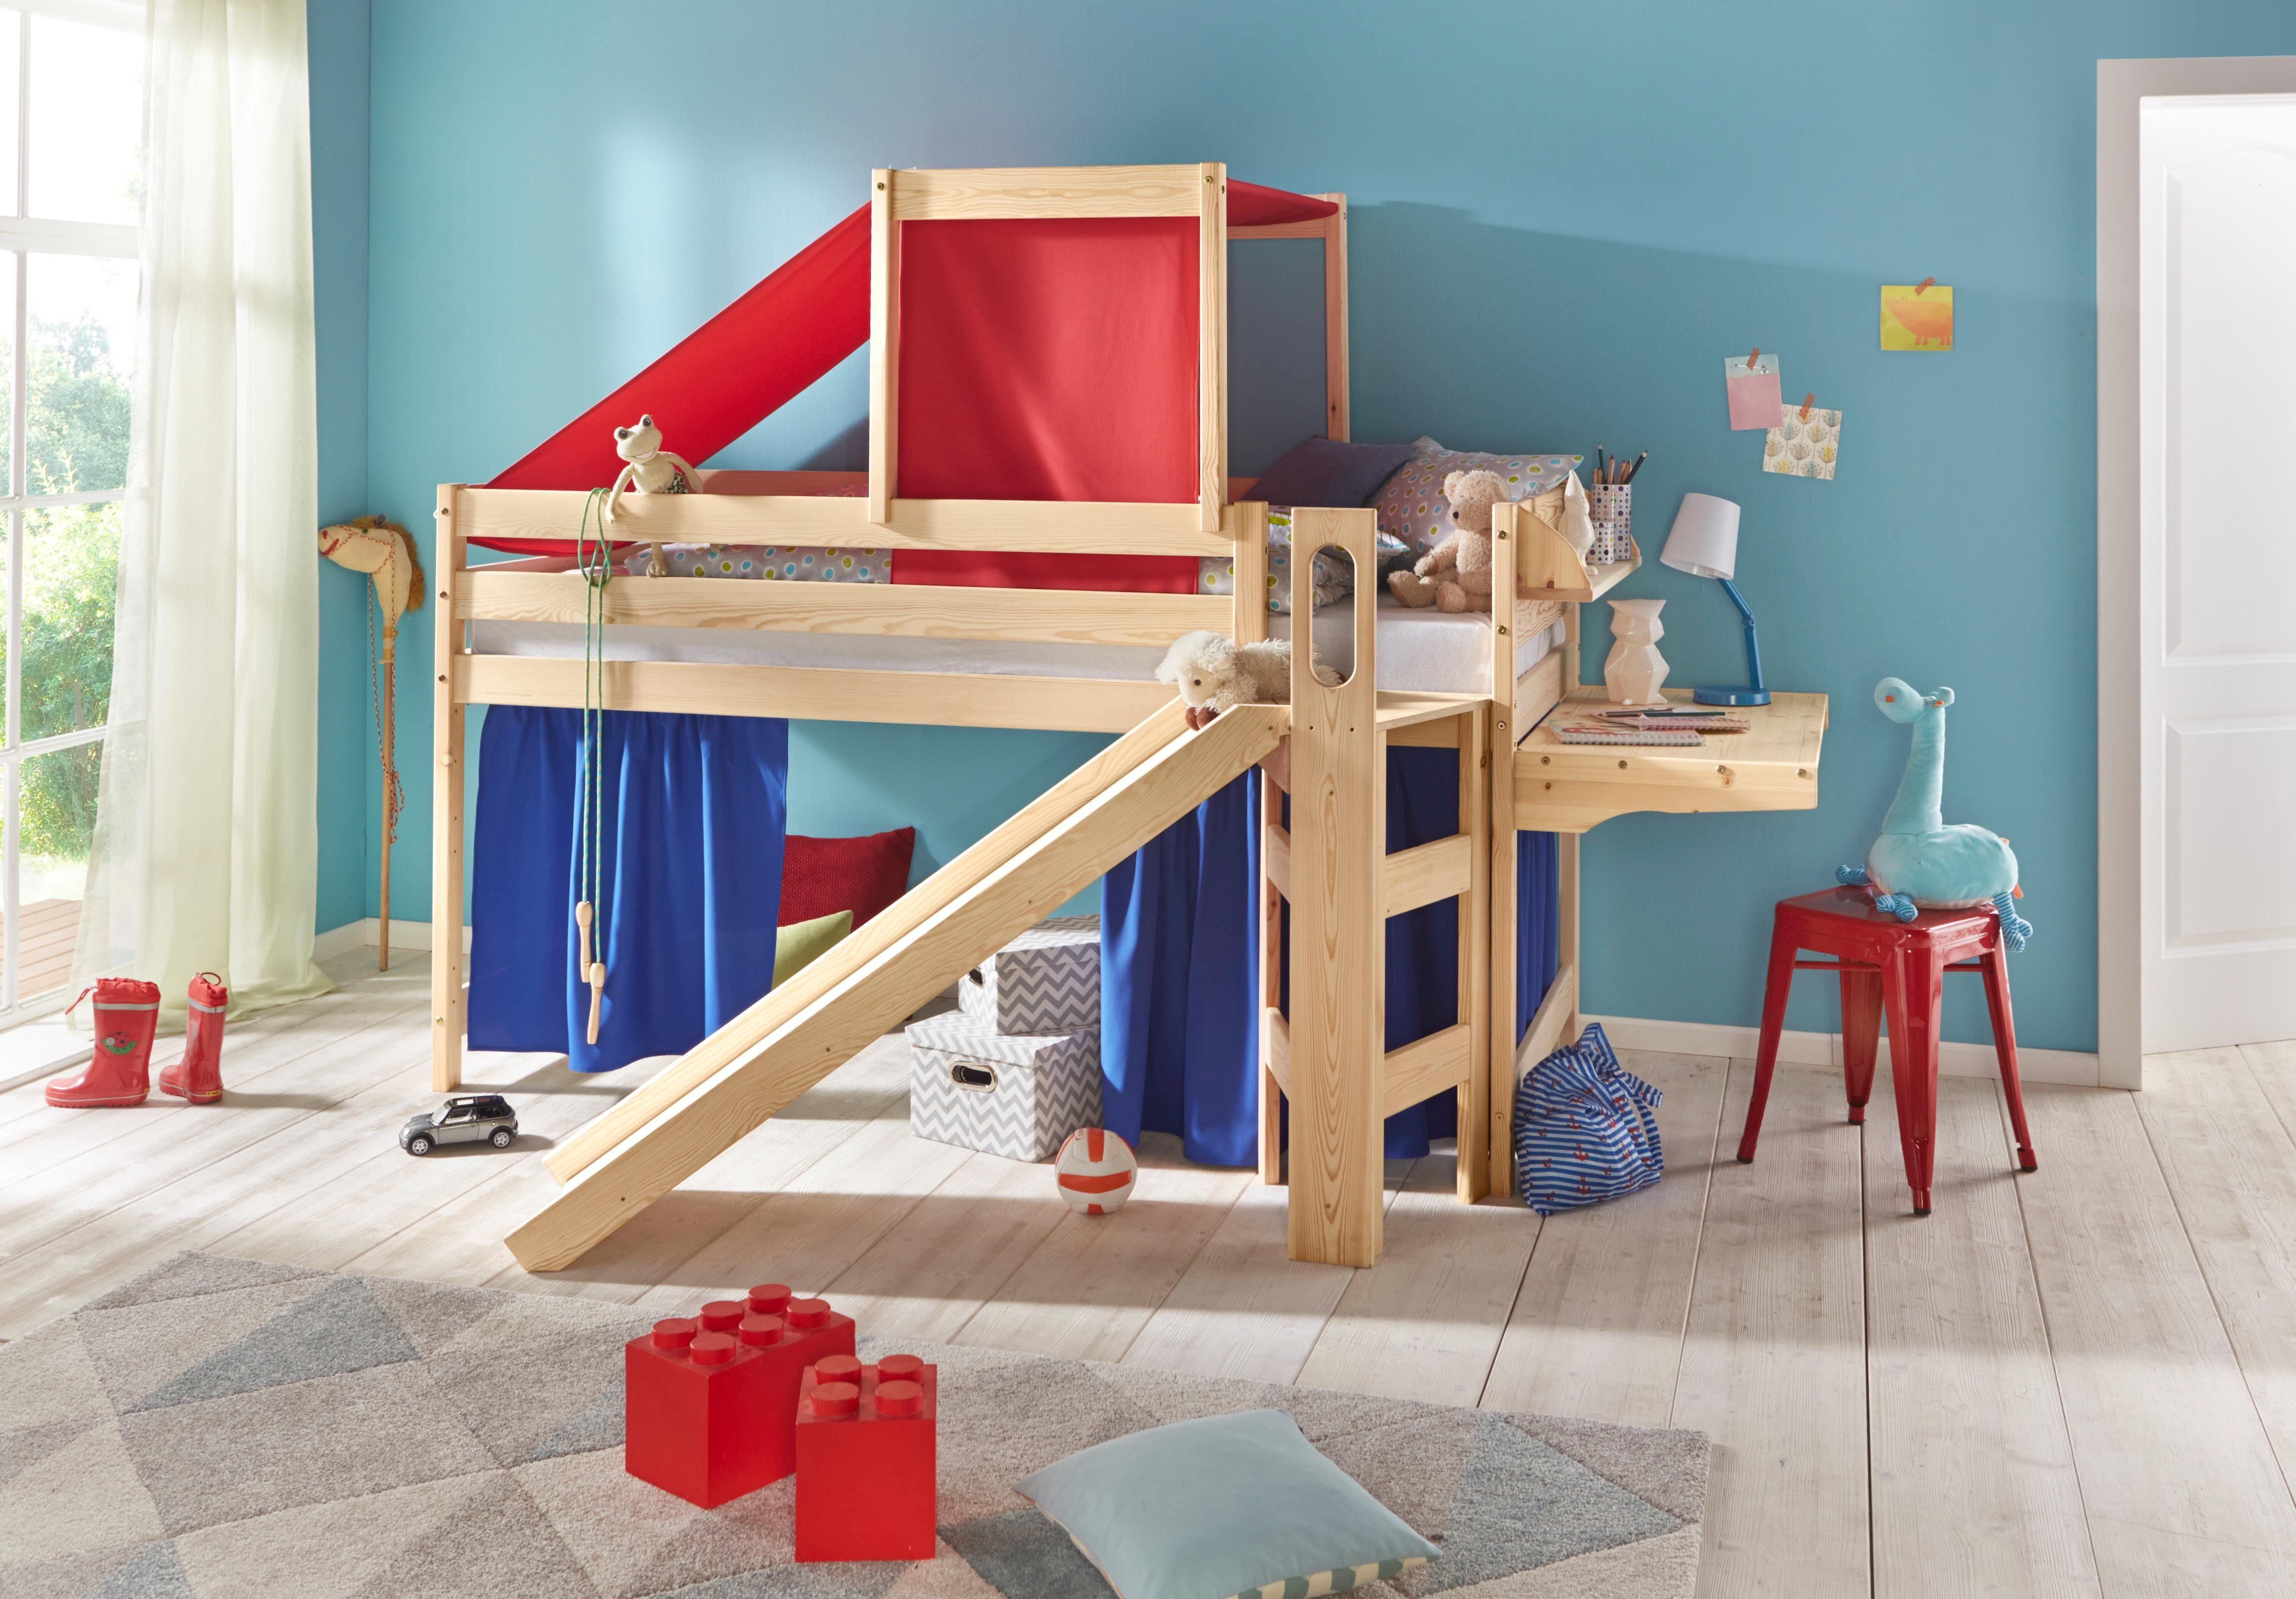 Etagenbett Mit Treppe Und Rutsche : Etagenbett moritz buche vollholz massiv weiß lackiert mit rutsche